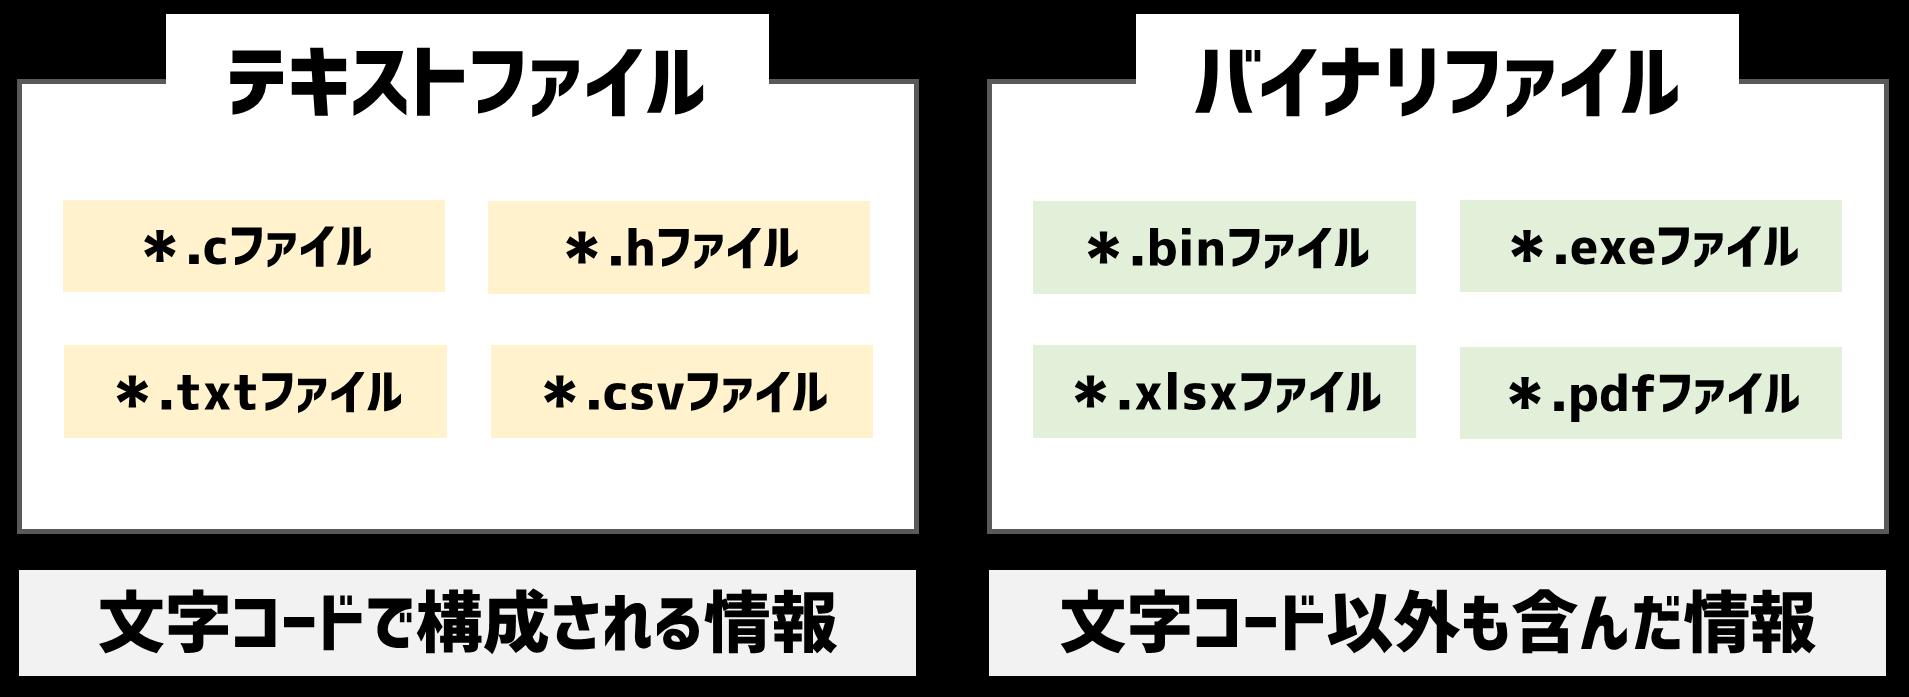 テキストファイルとバイナリファイル